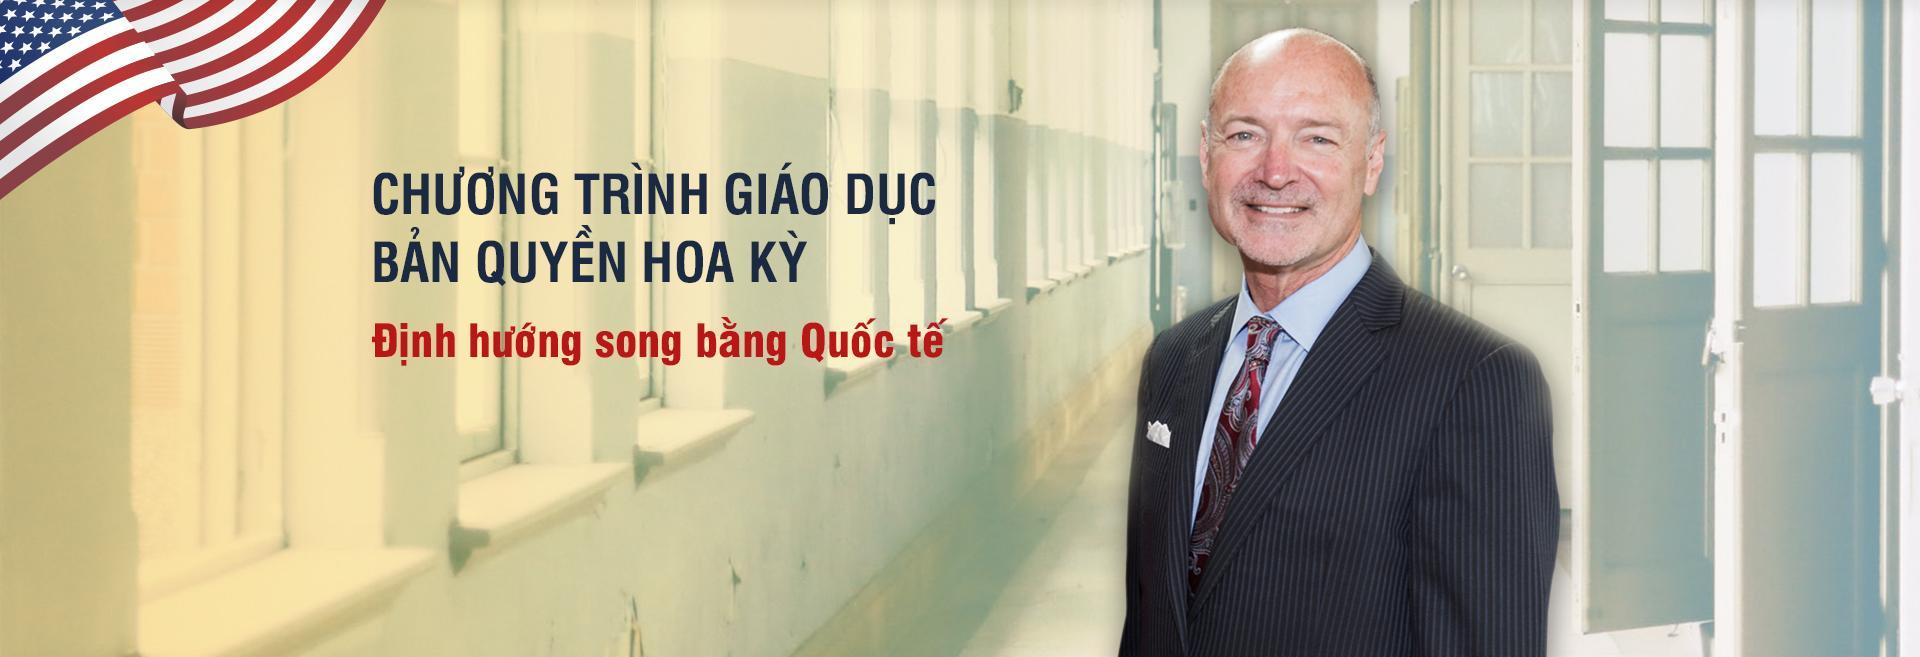 chuong-trinh-giao-duc-ban-quyen-hoa-ky